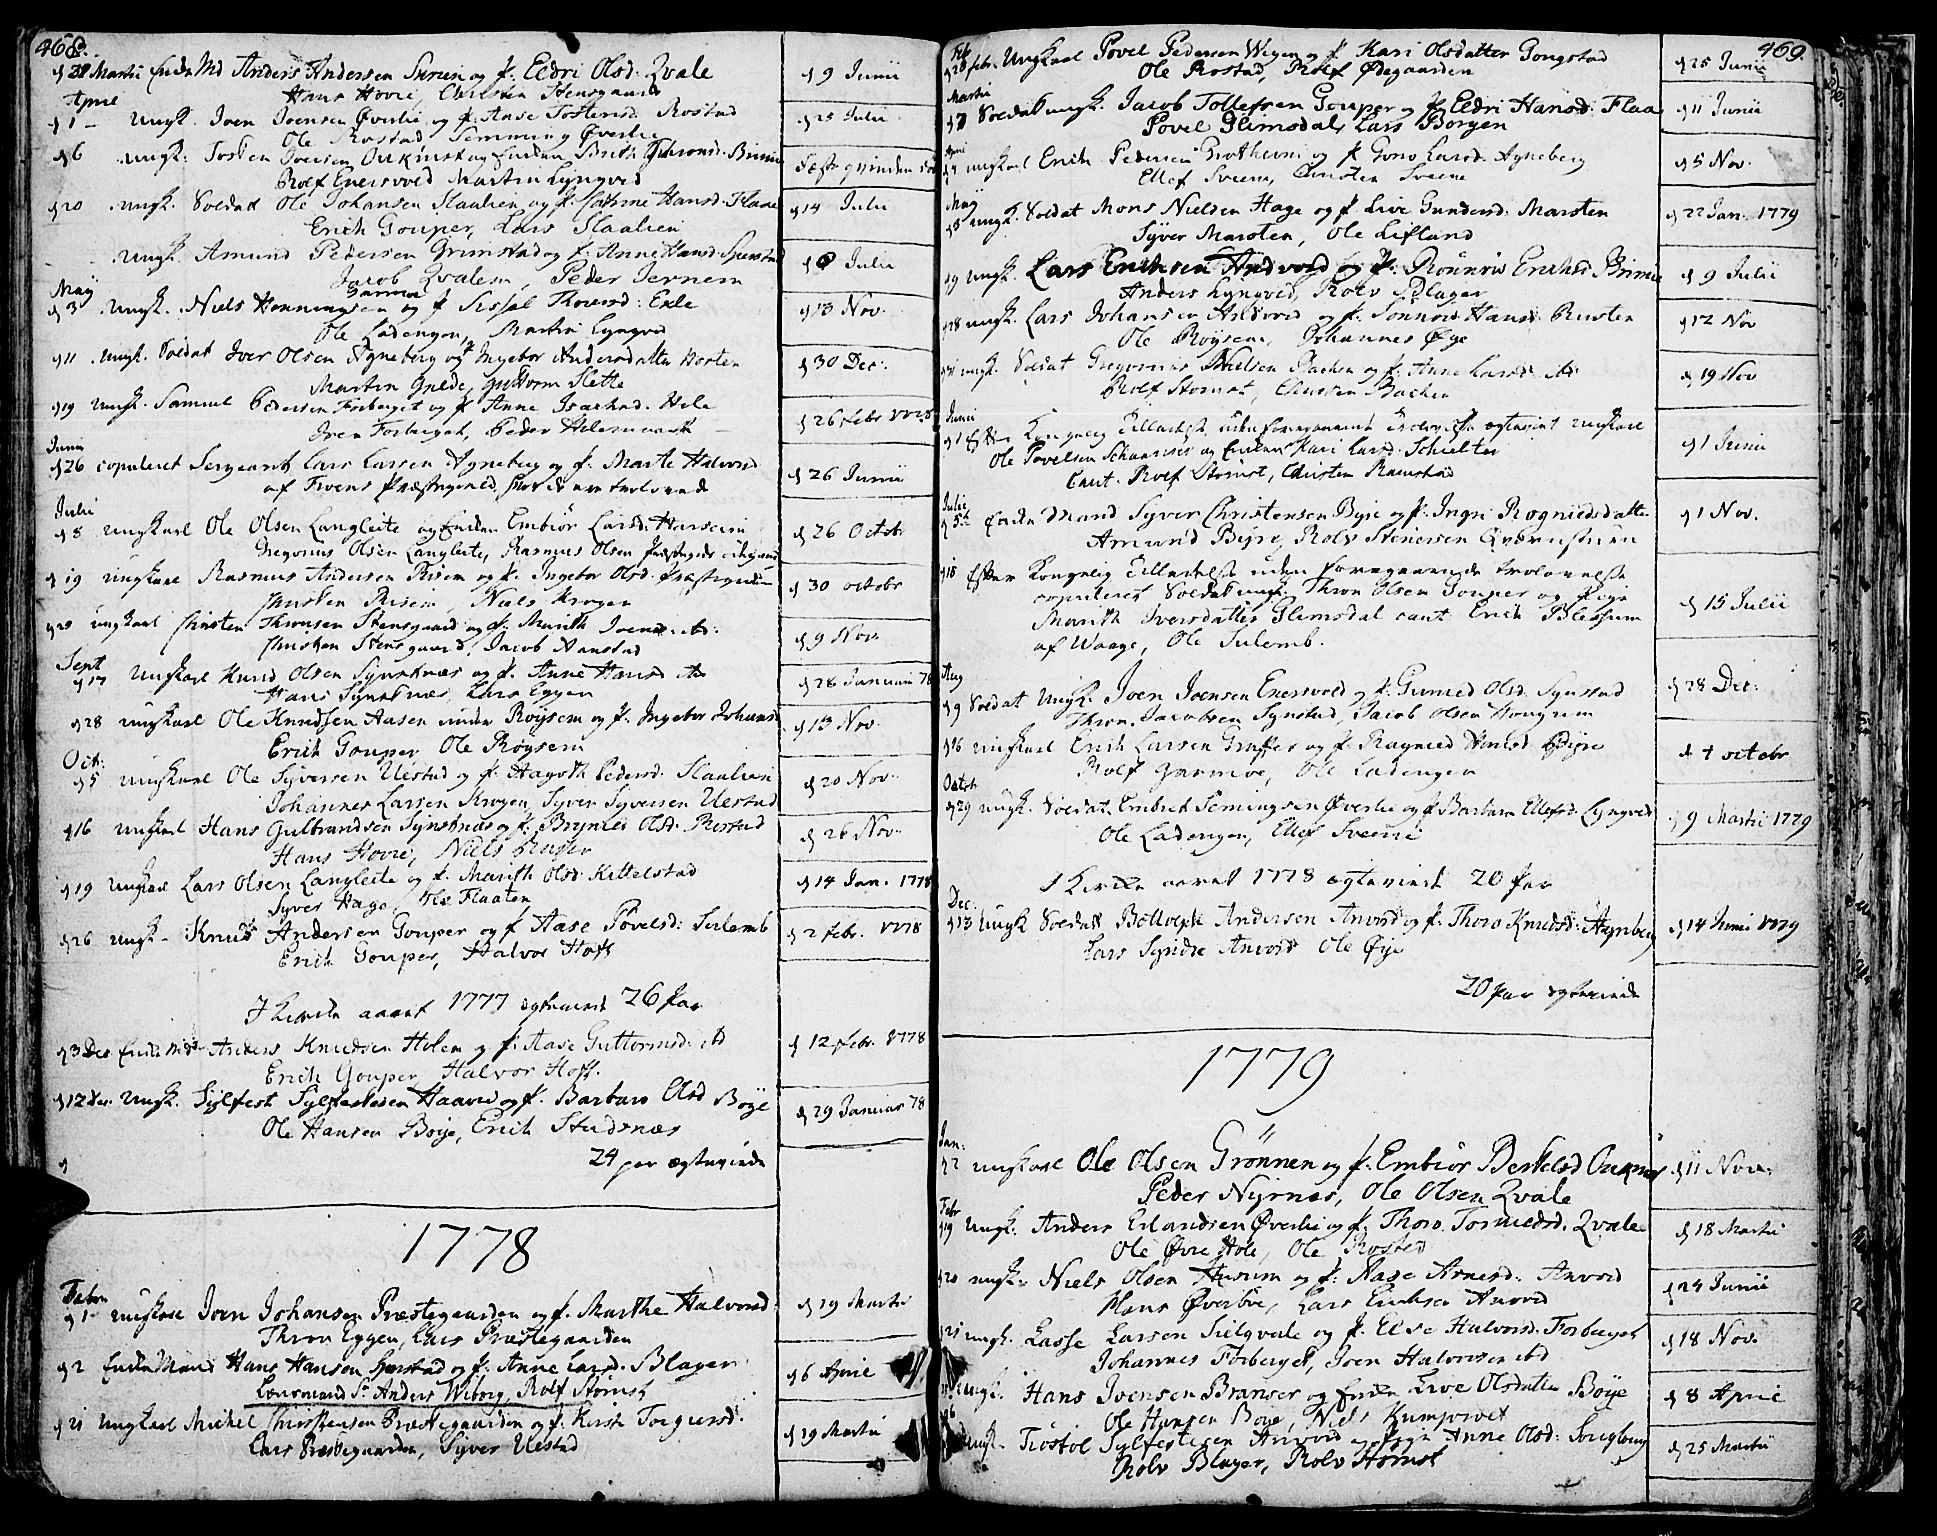 SAH, Lom prestekontor, K/L0002: Ministerialbok nr. 2, 1749-1801, s. 468-469